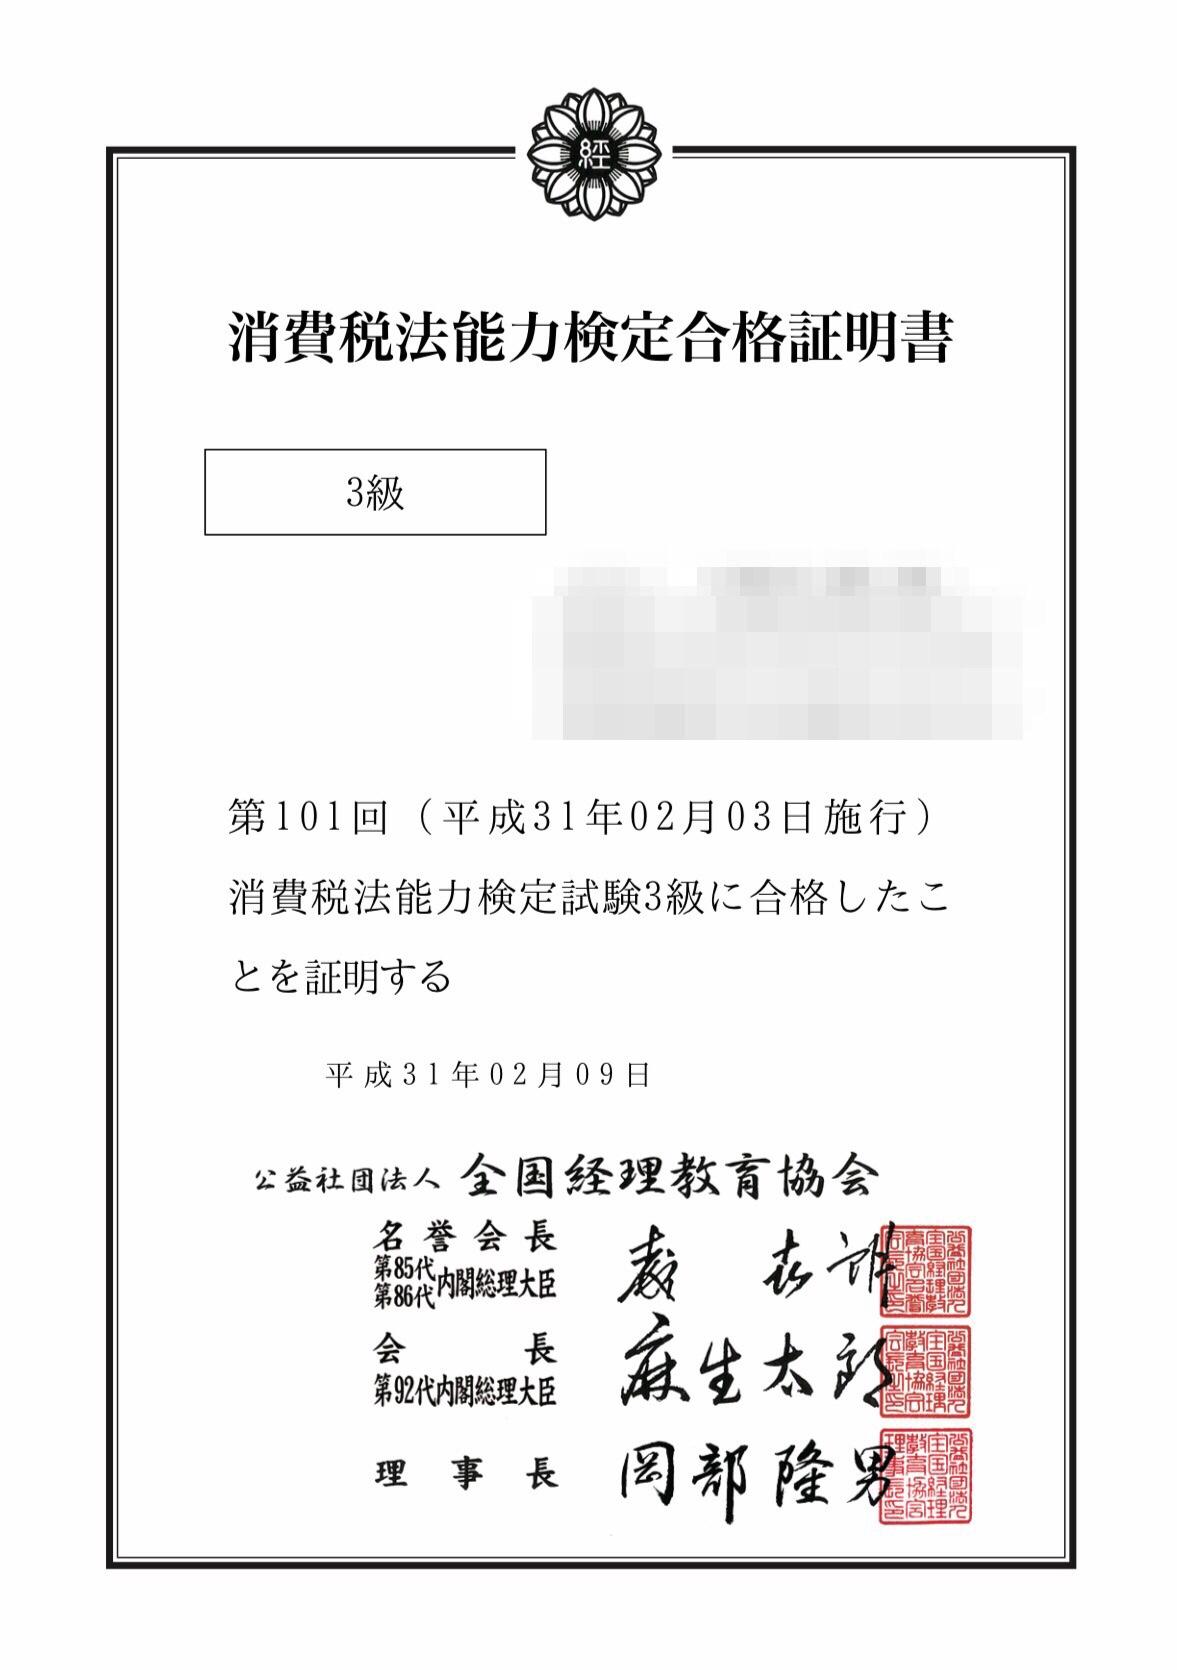 消費税法能力検定合格証明書